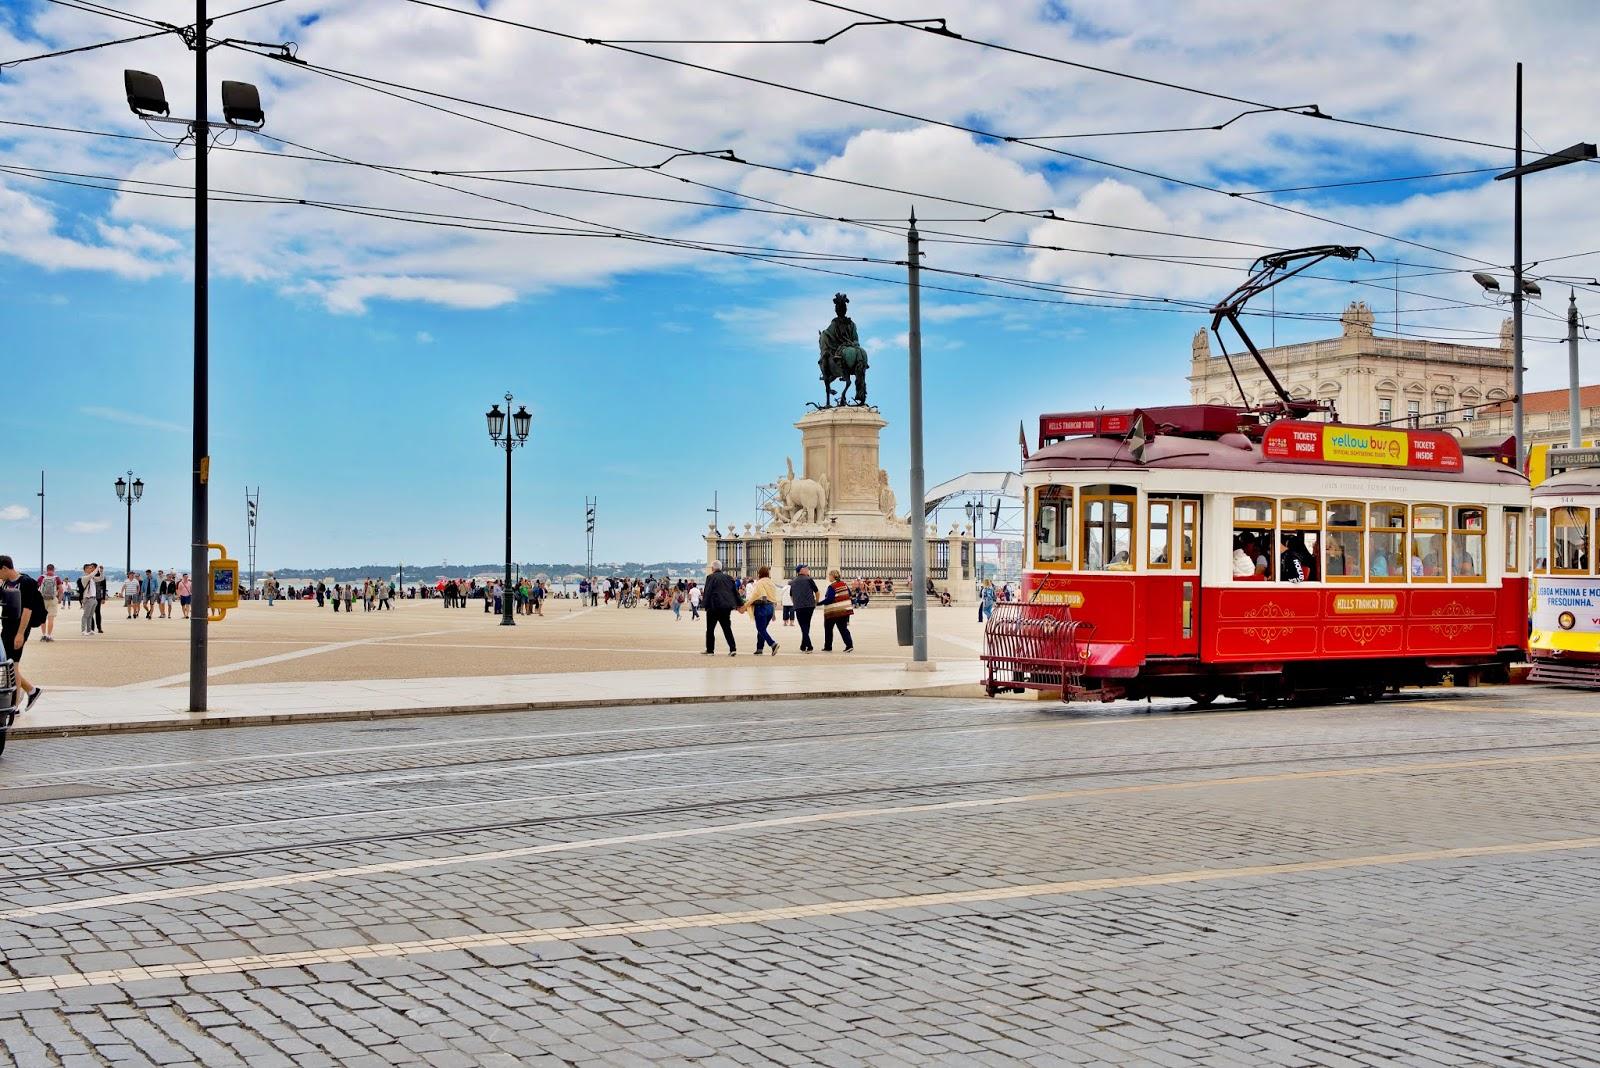 Lizbona plac Praca do Comercio